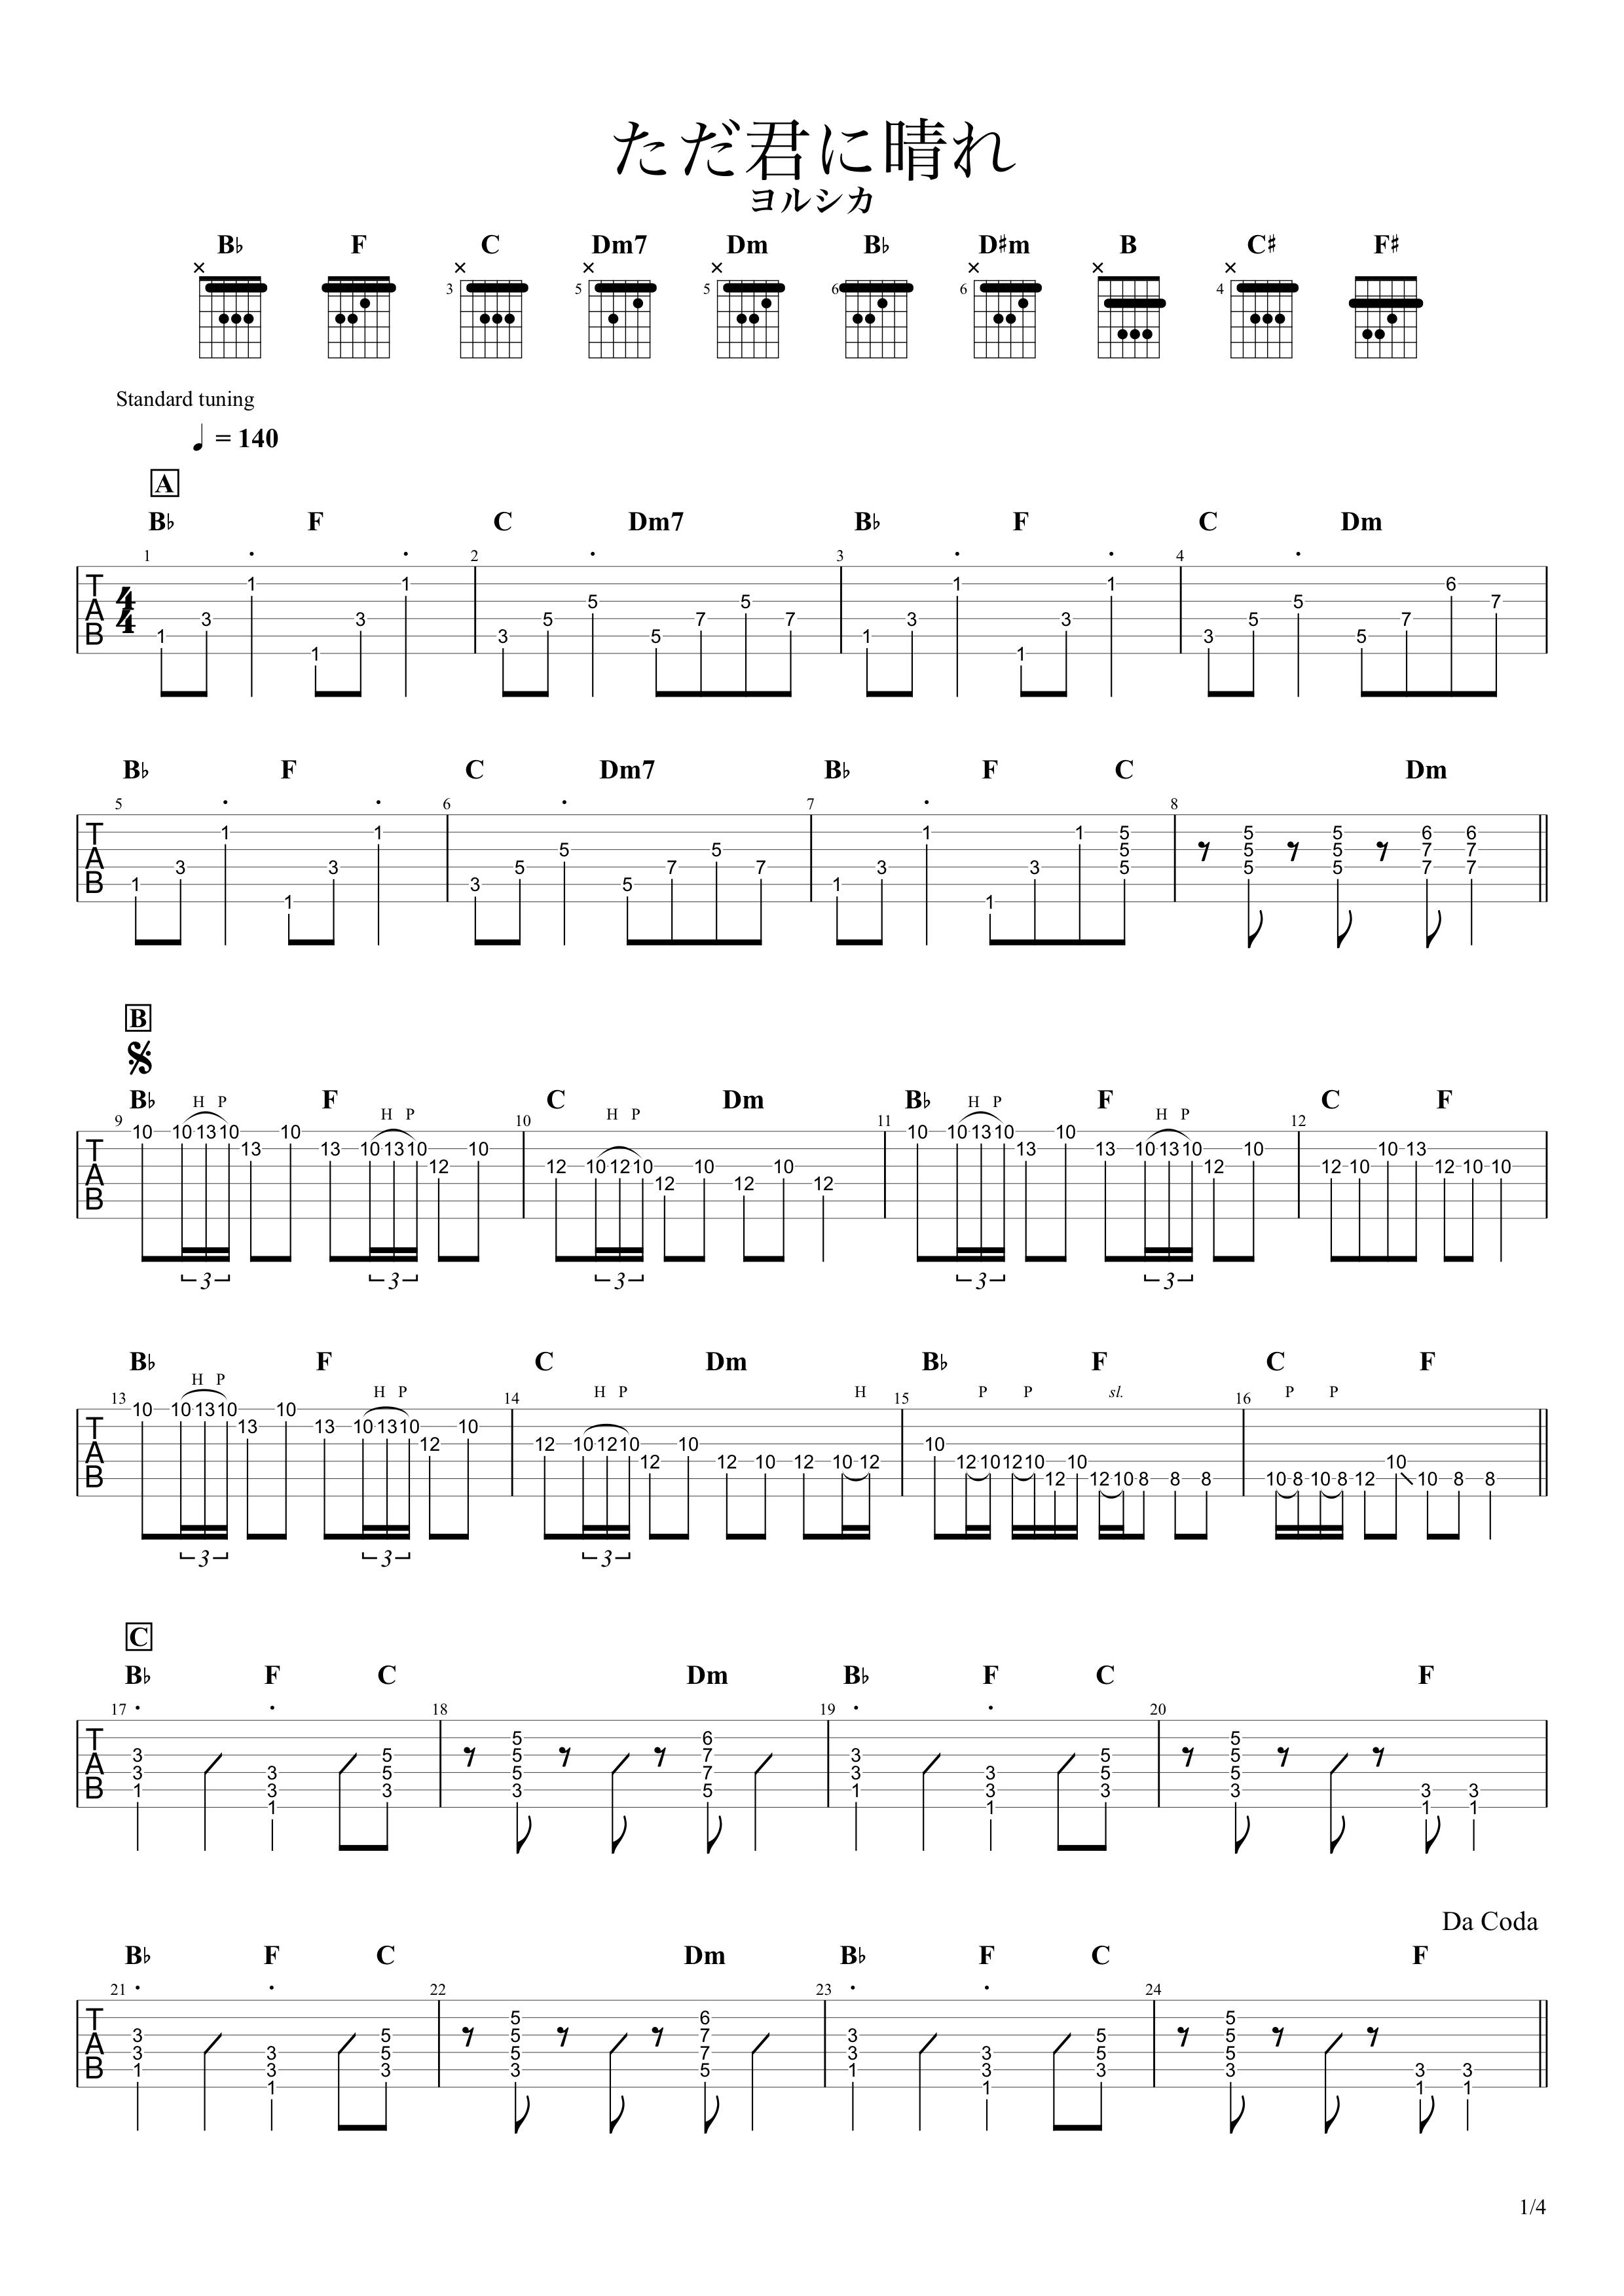 ただ君に晴れ/ヨルシカ ギタータブ譜スコア01